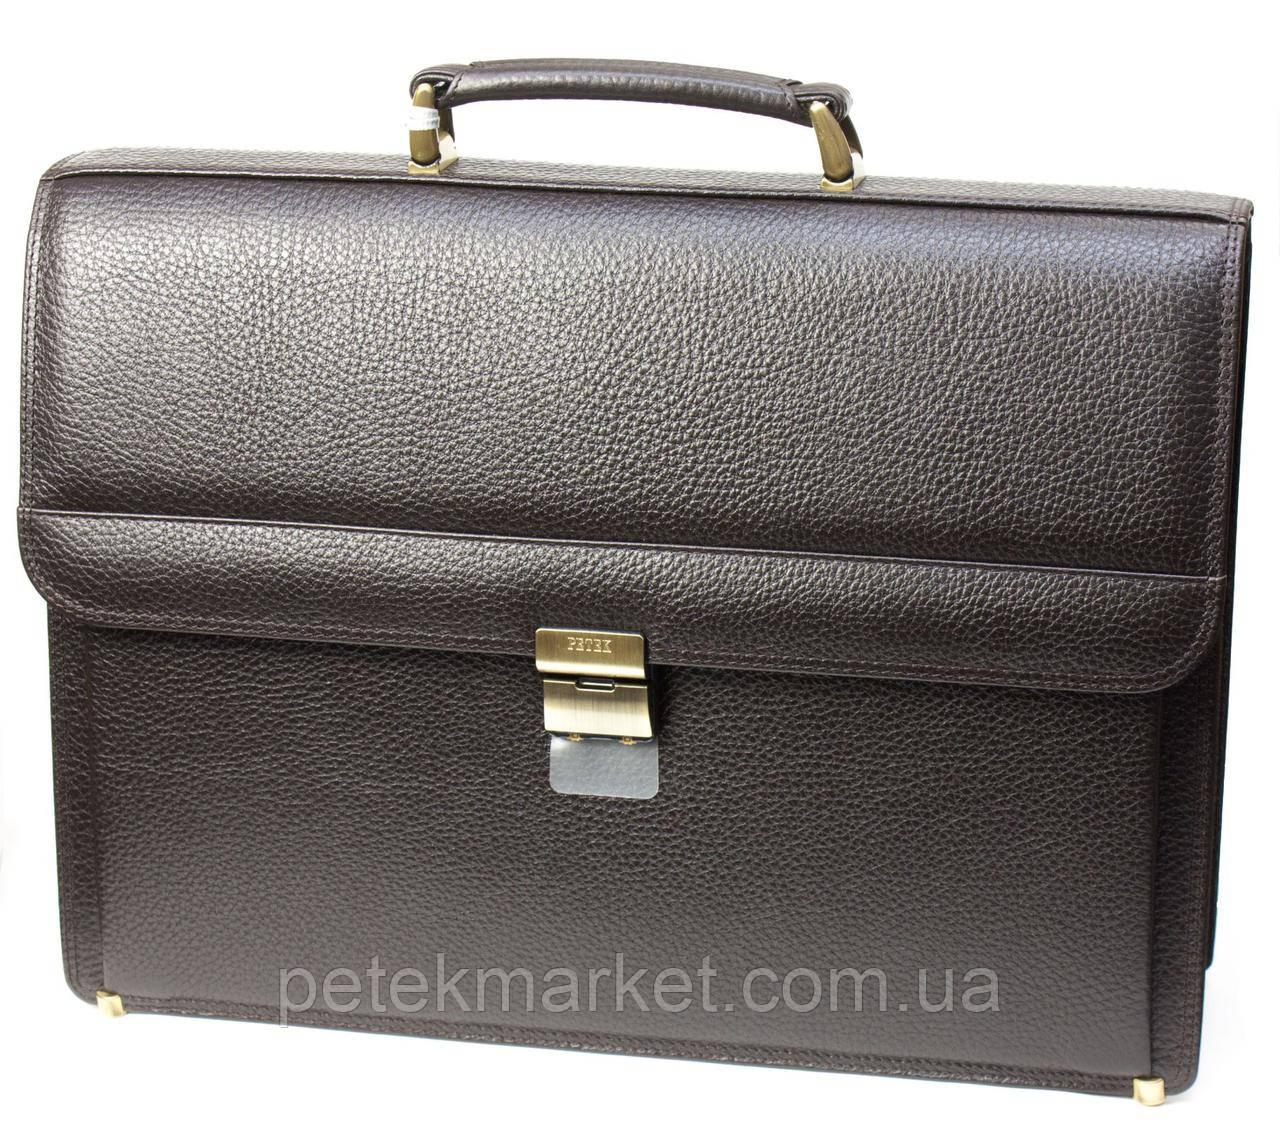 Портфель мужской Petek 781, Коричневый, Естественная фактура, Матовая